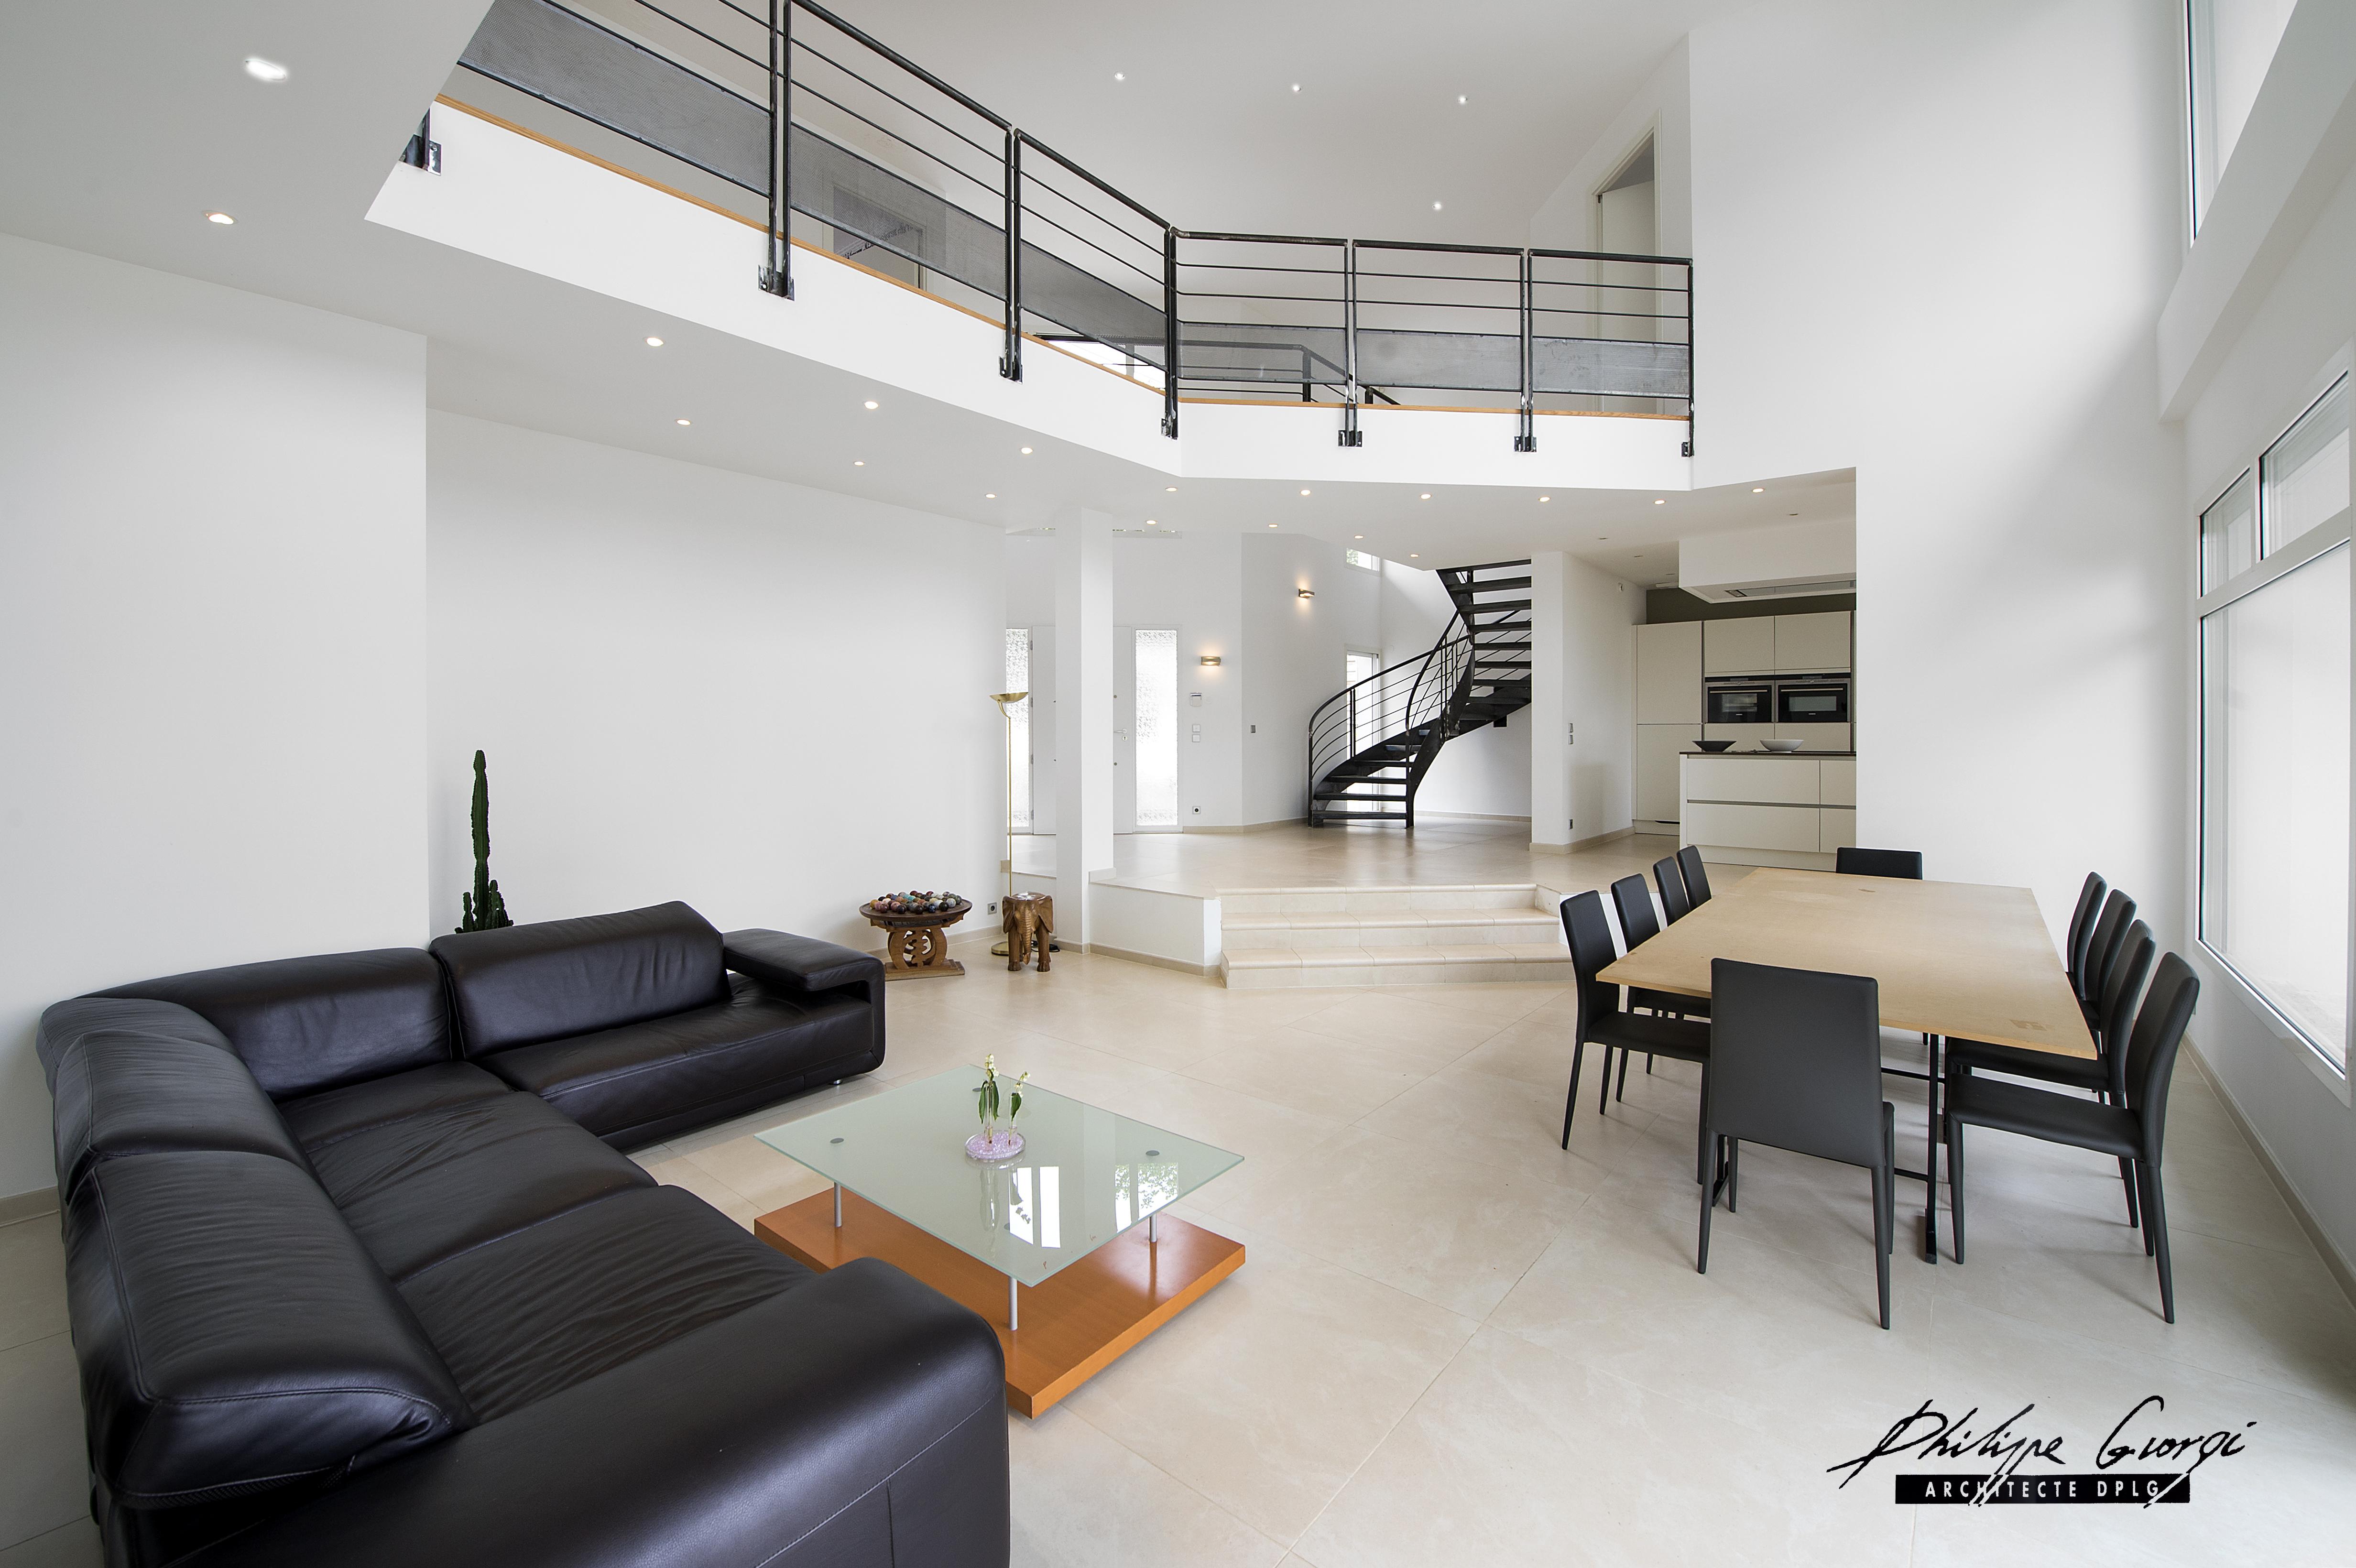 Cabinet d'architecture Philippe Giorgi